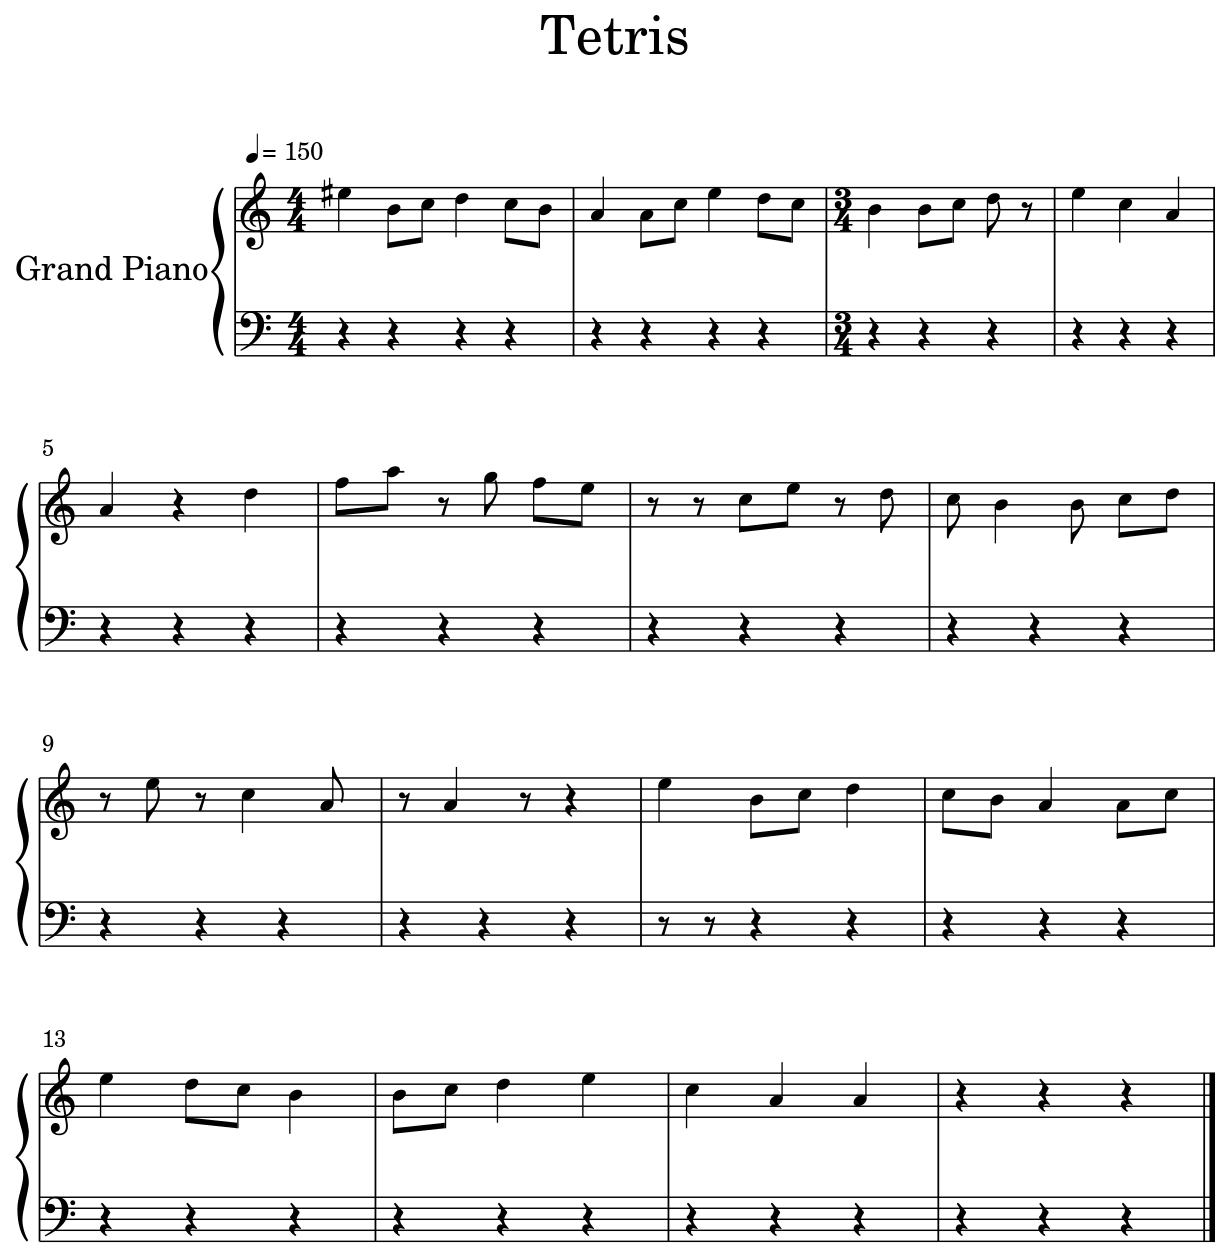 Tetris - Sheet music for Piano